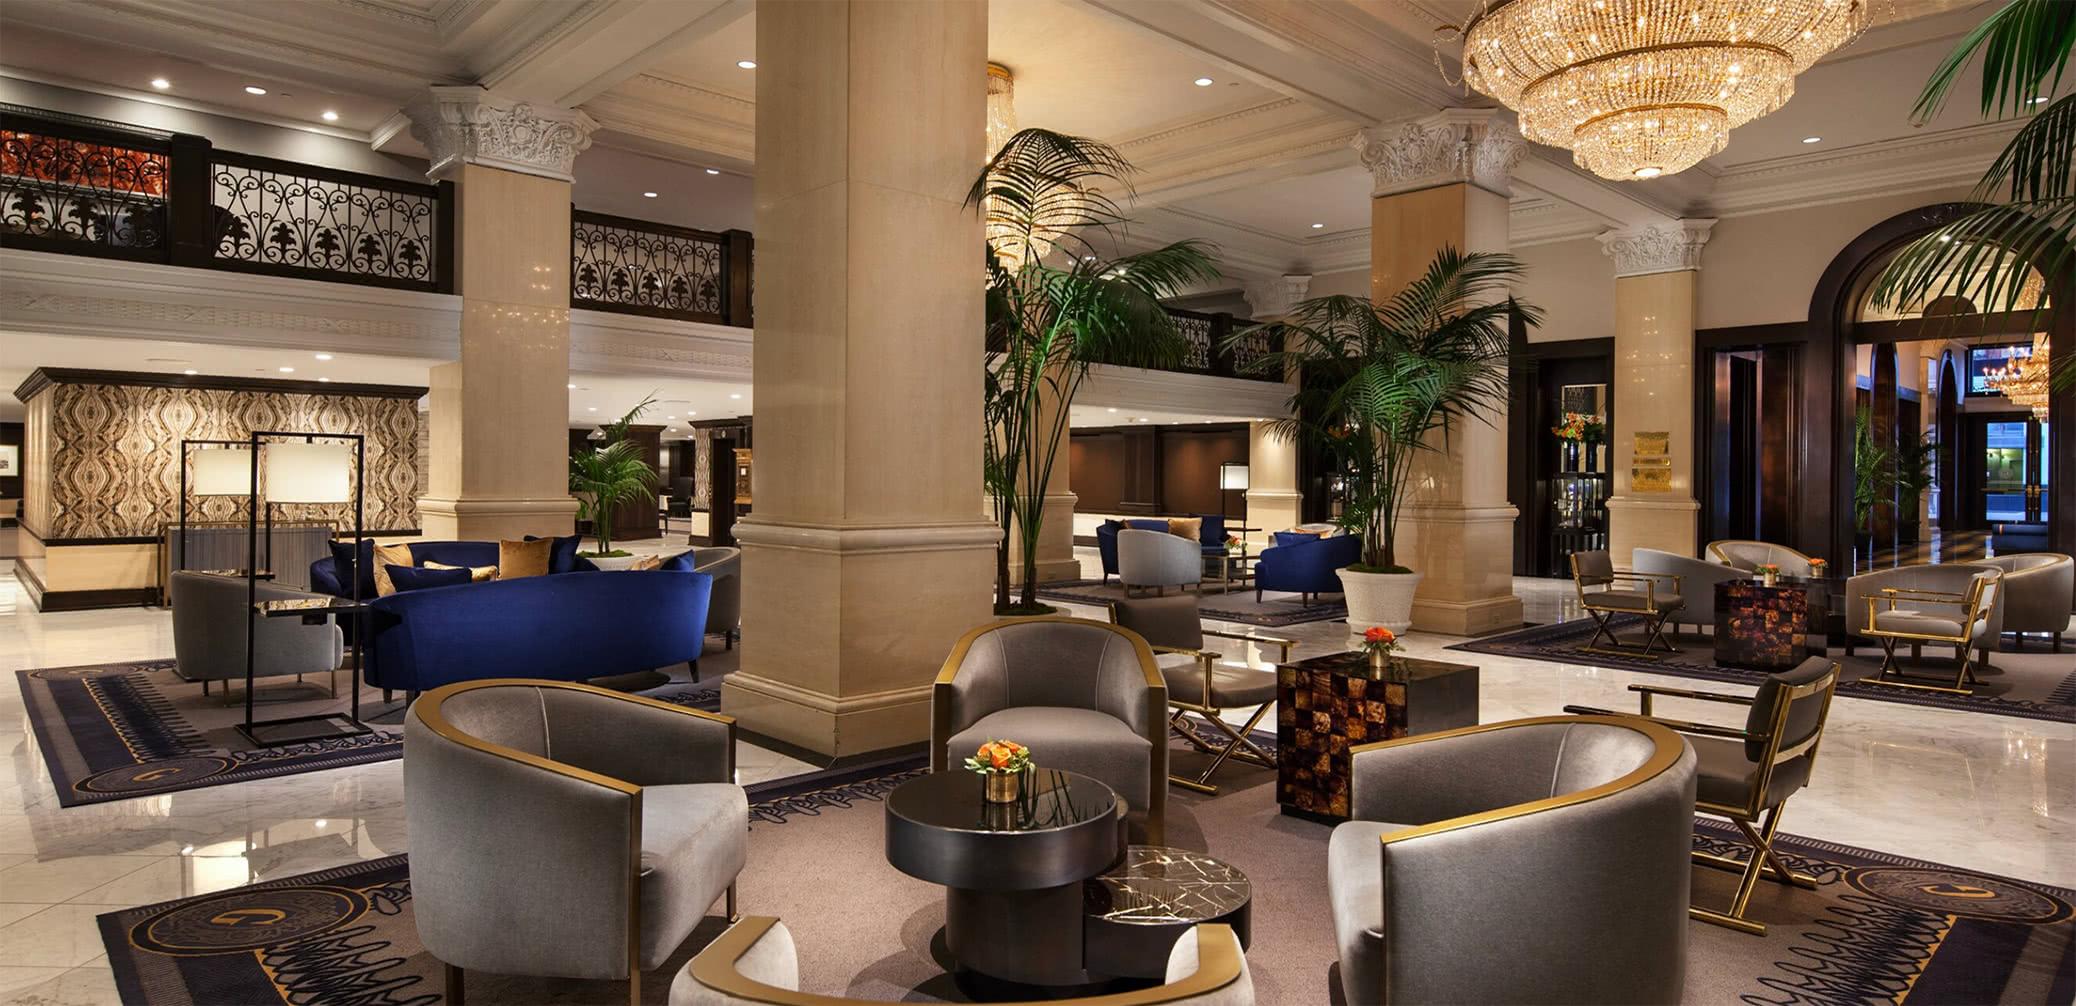 Best Marriott Bonvoy Hotel In San Diego